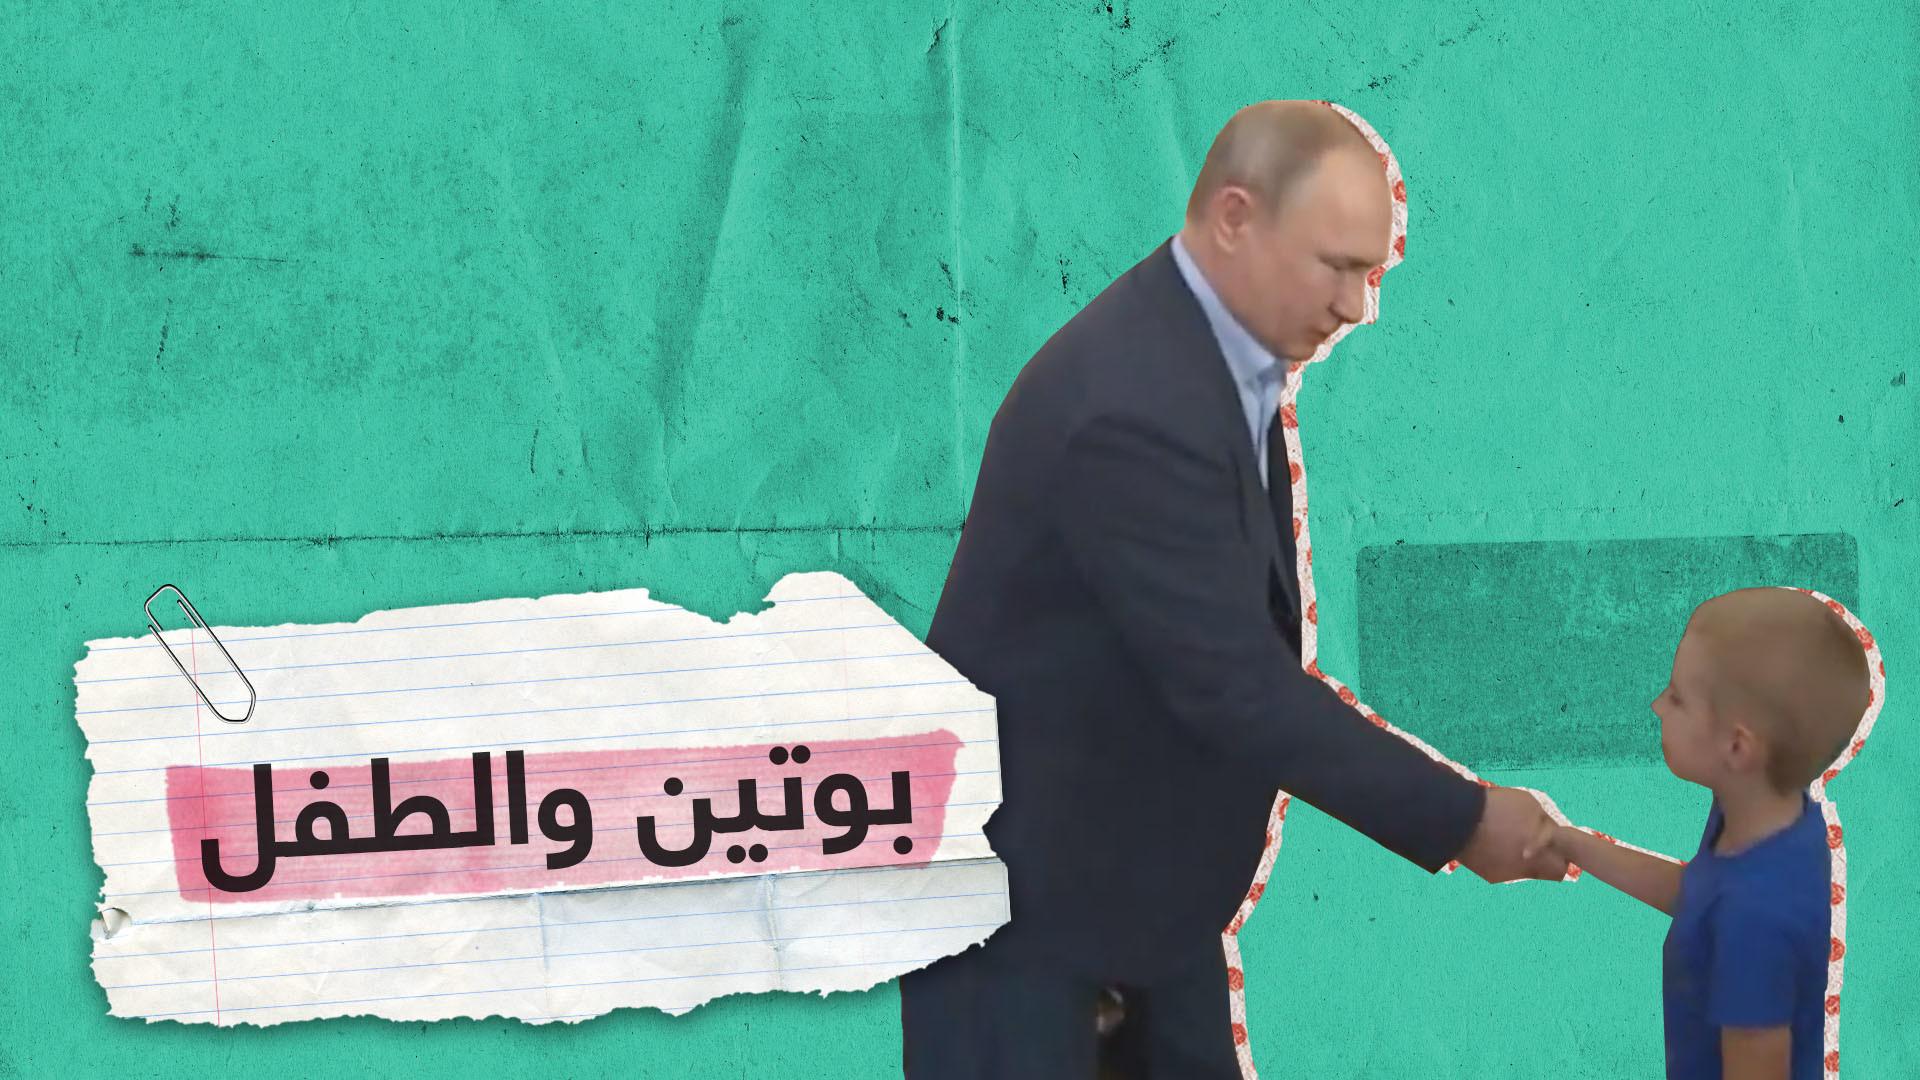 هل أنت حقا بوتين؟ طفل سيبيريا يسأل